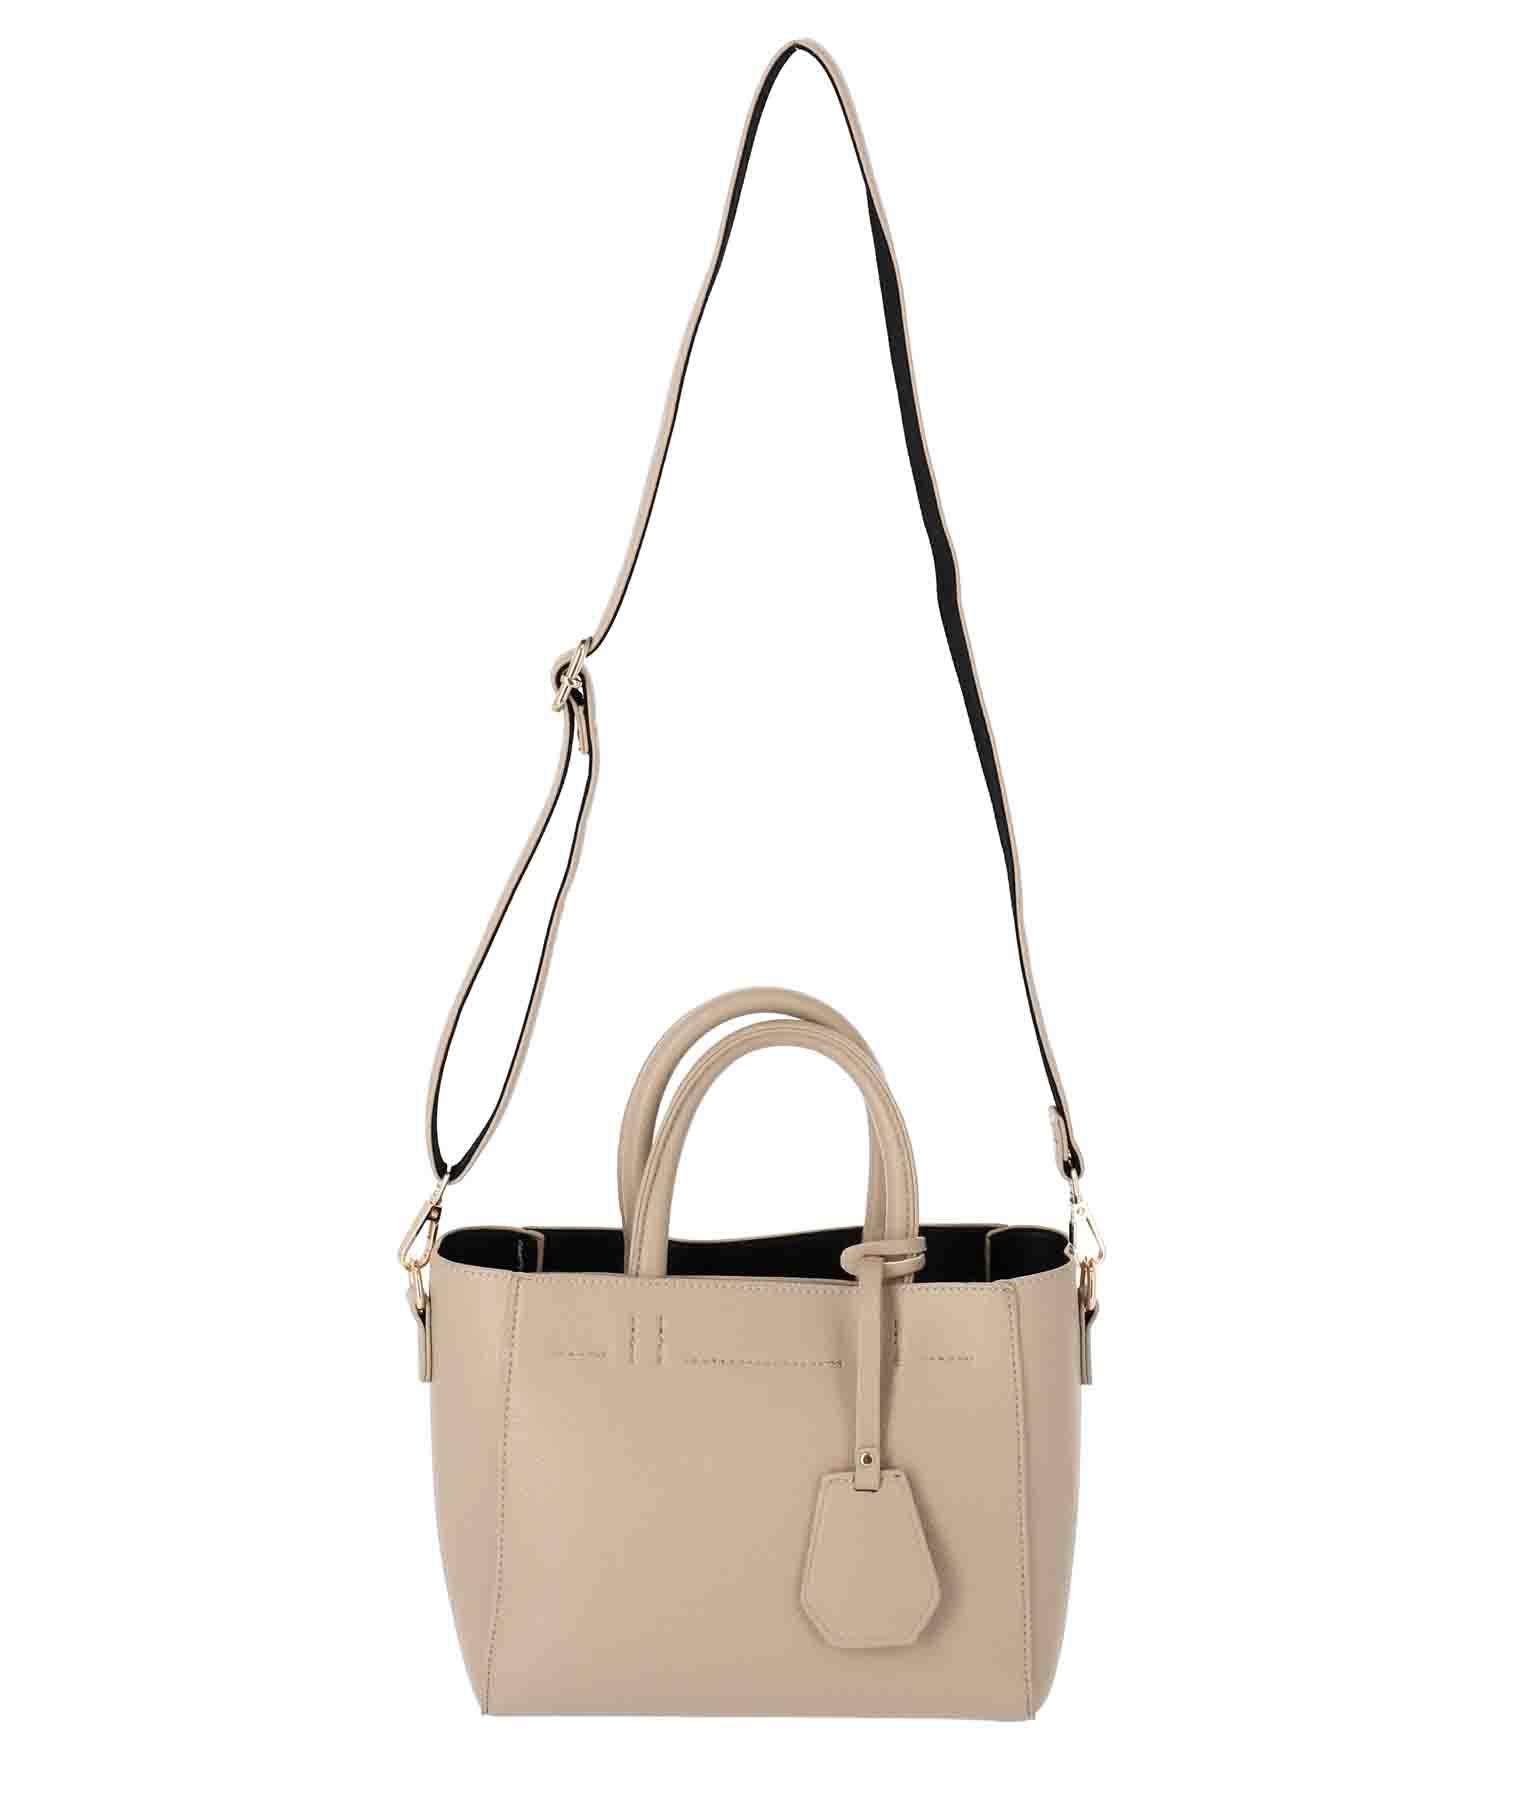 シンプル2WAYハンドバッグ(バッグ・鞄・小物/ハンドバッグ・ショルダーバッグ) | CHILLE